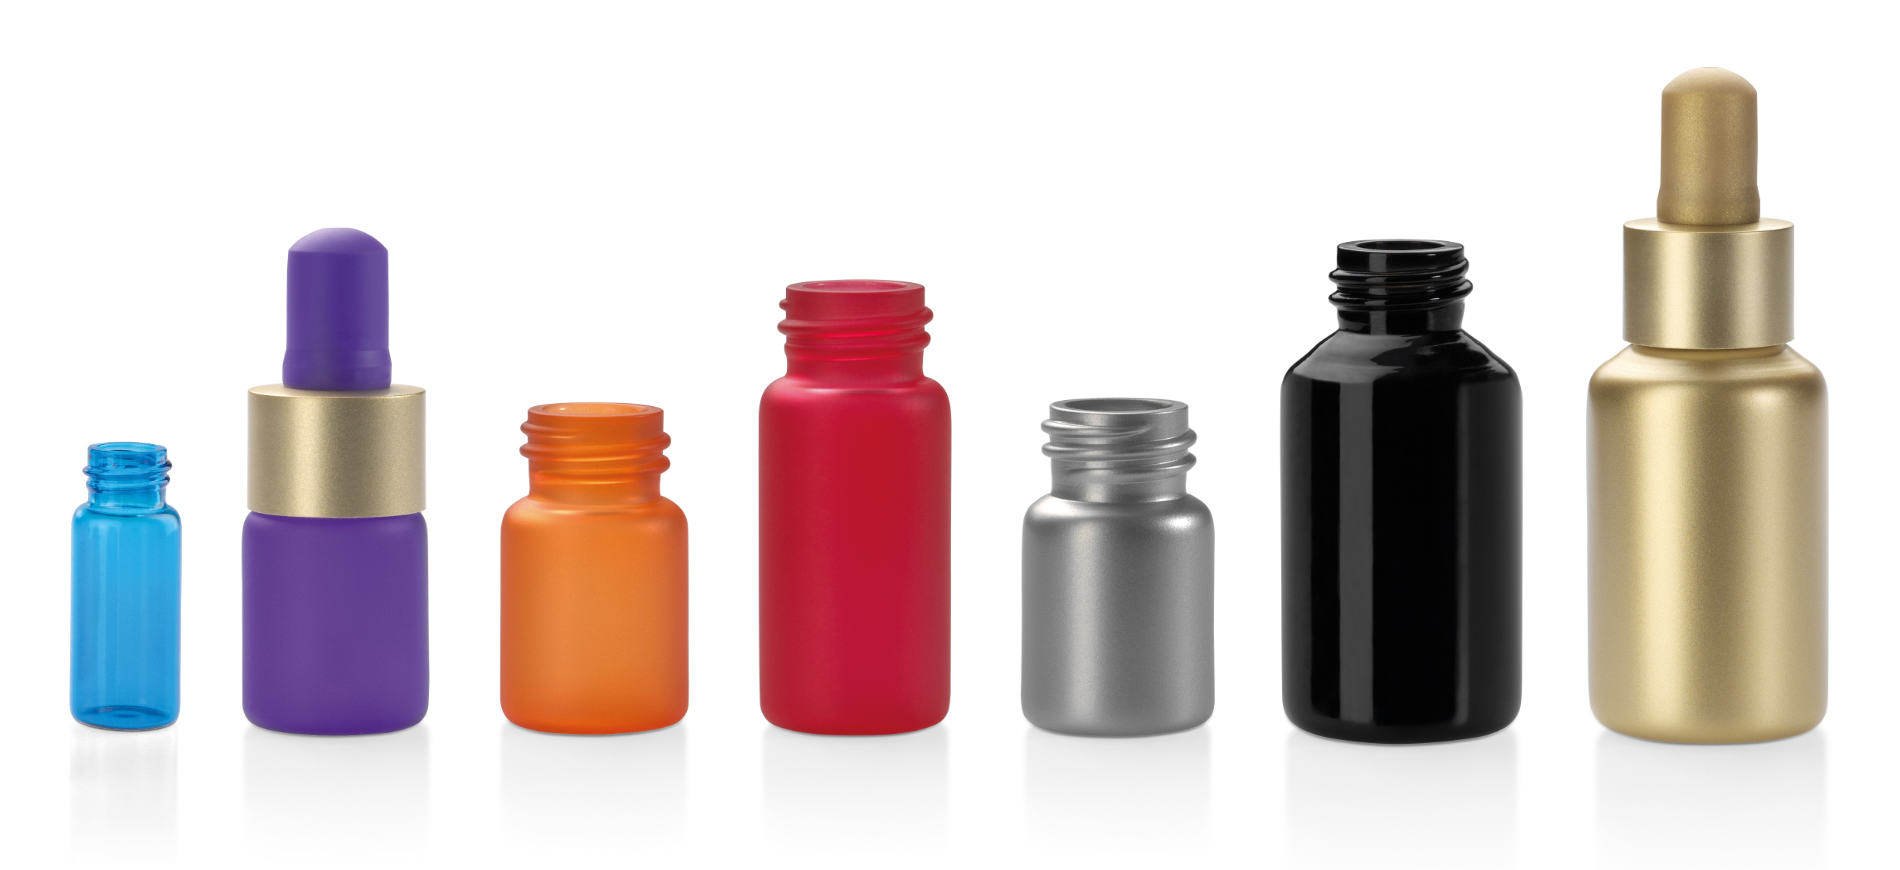 Flacons cosmétiques en verre: verre étiré couleurs et finitions